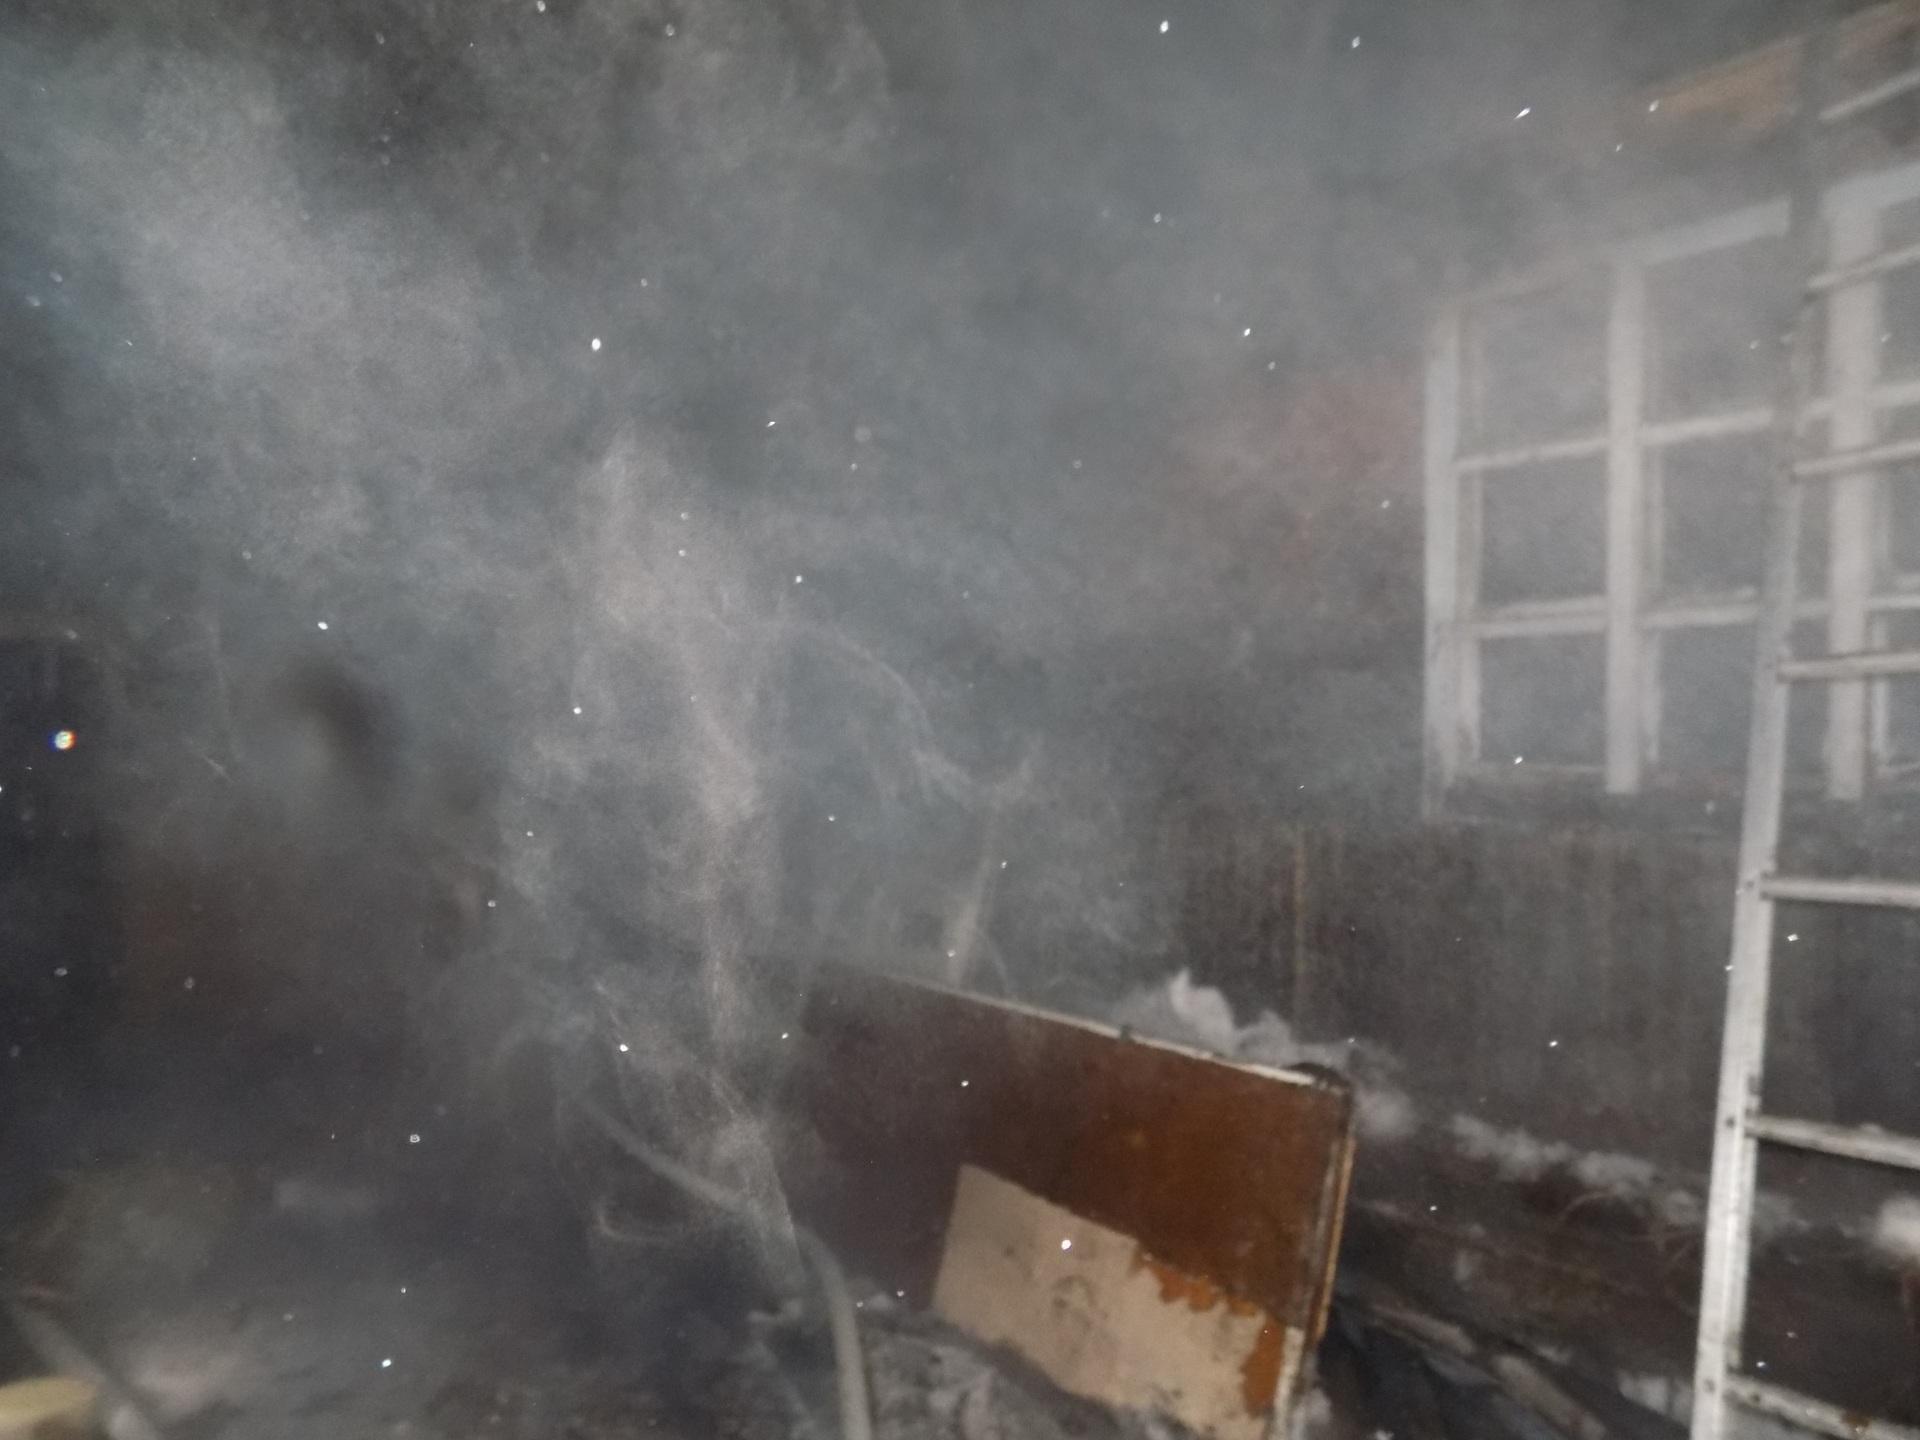 Напожаре вСыктывкаре погибли 4 человека, среди которых 2-летний ребенок